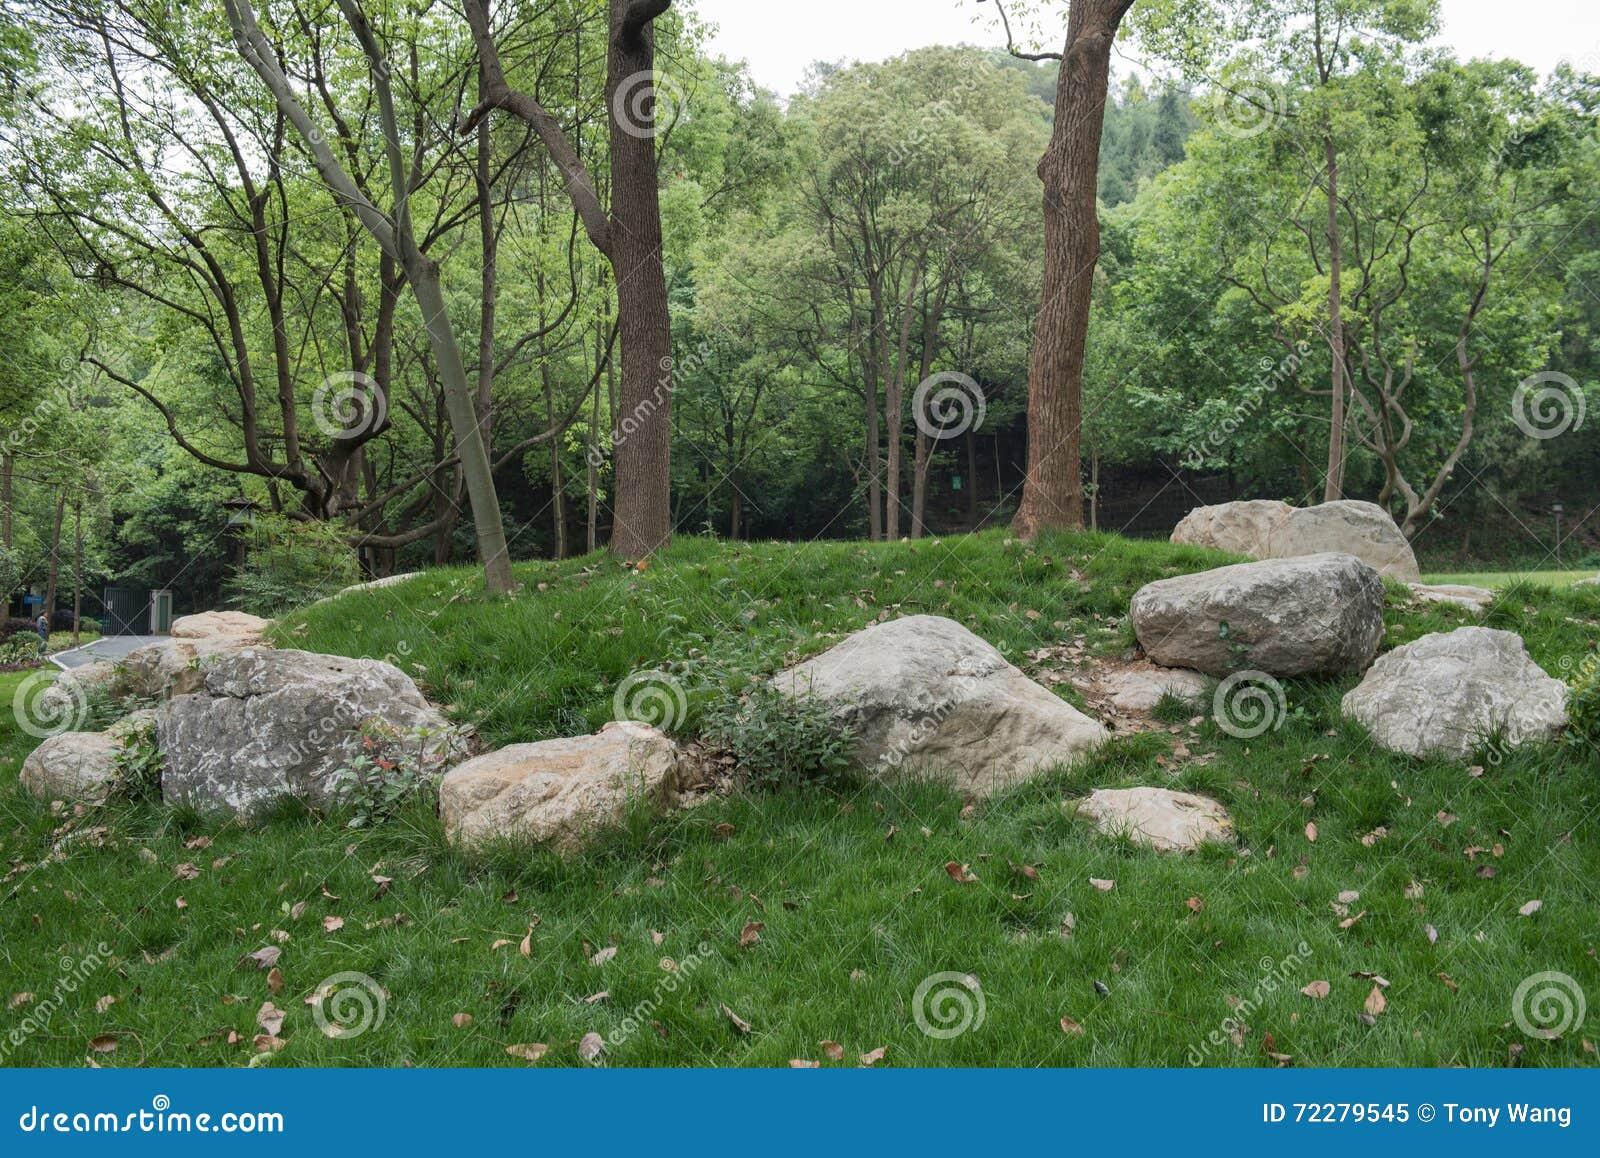 Download Камни на траве стоковое изображение. изображение насчитывающей сфотографировано - 72279545